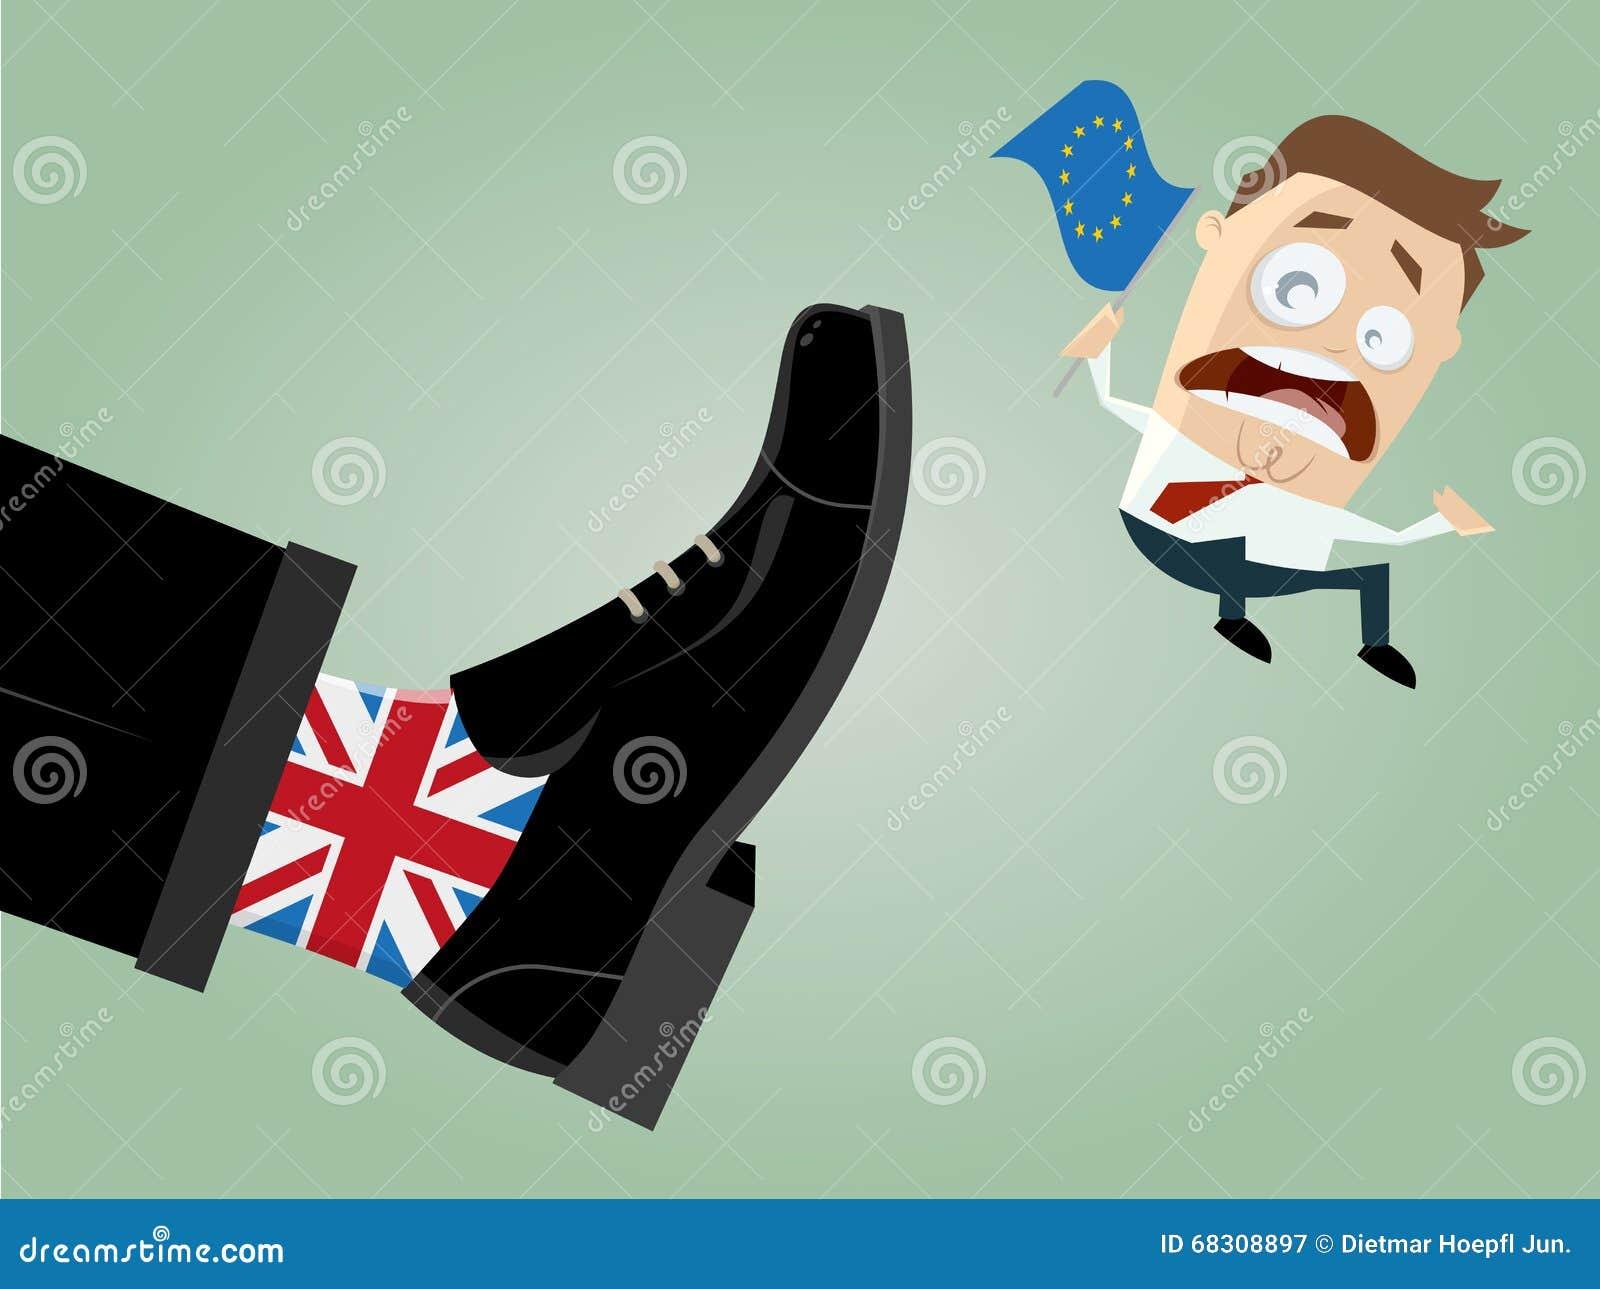 Brexit Brytania Wielka UE wychodzi